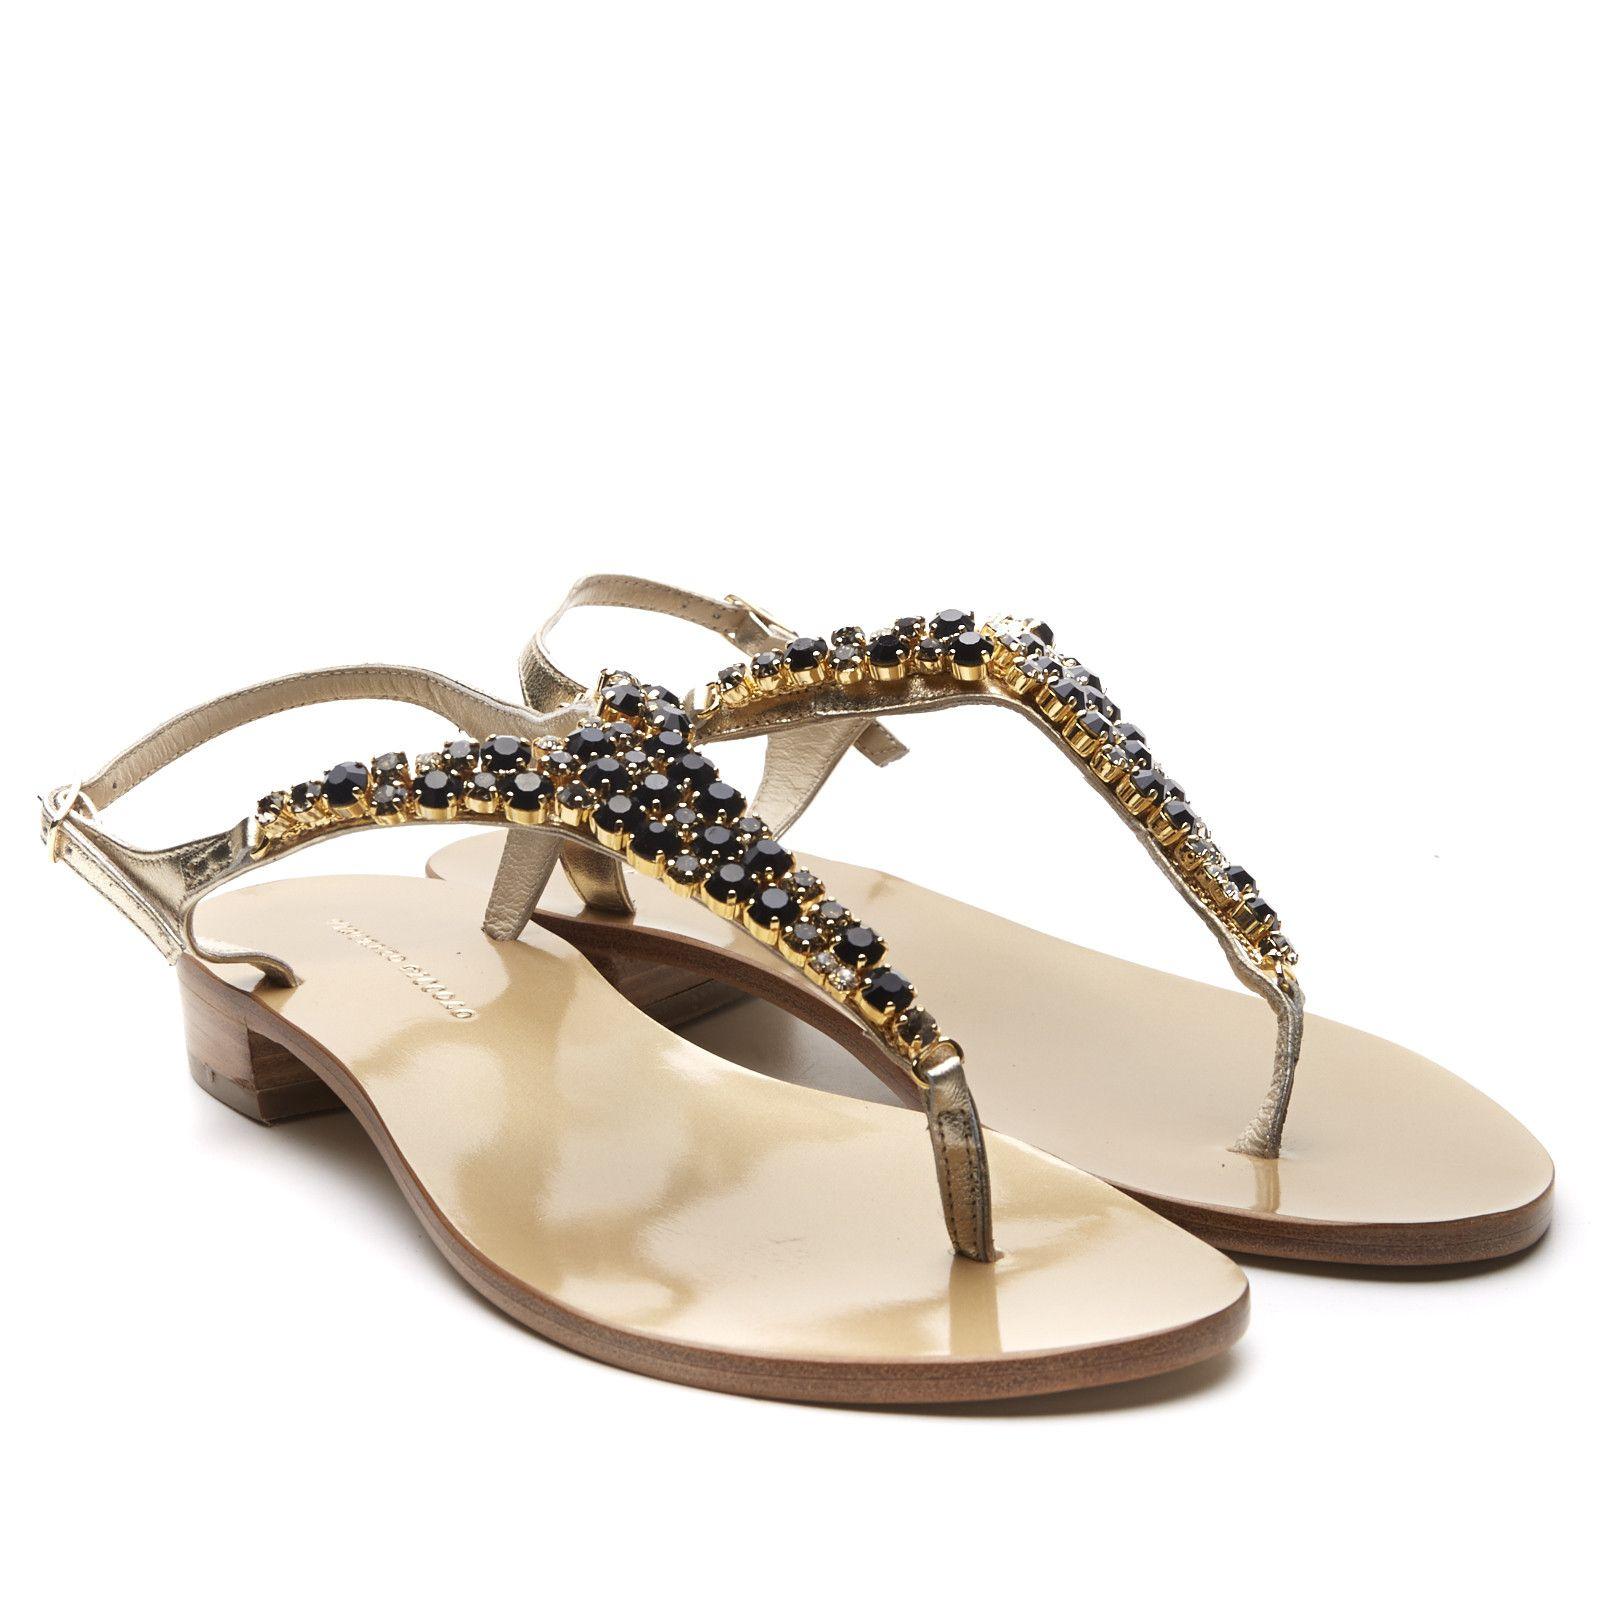 Vincenzo Piccolo Swarovski Crystal-Embellished Sandals